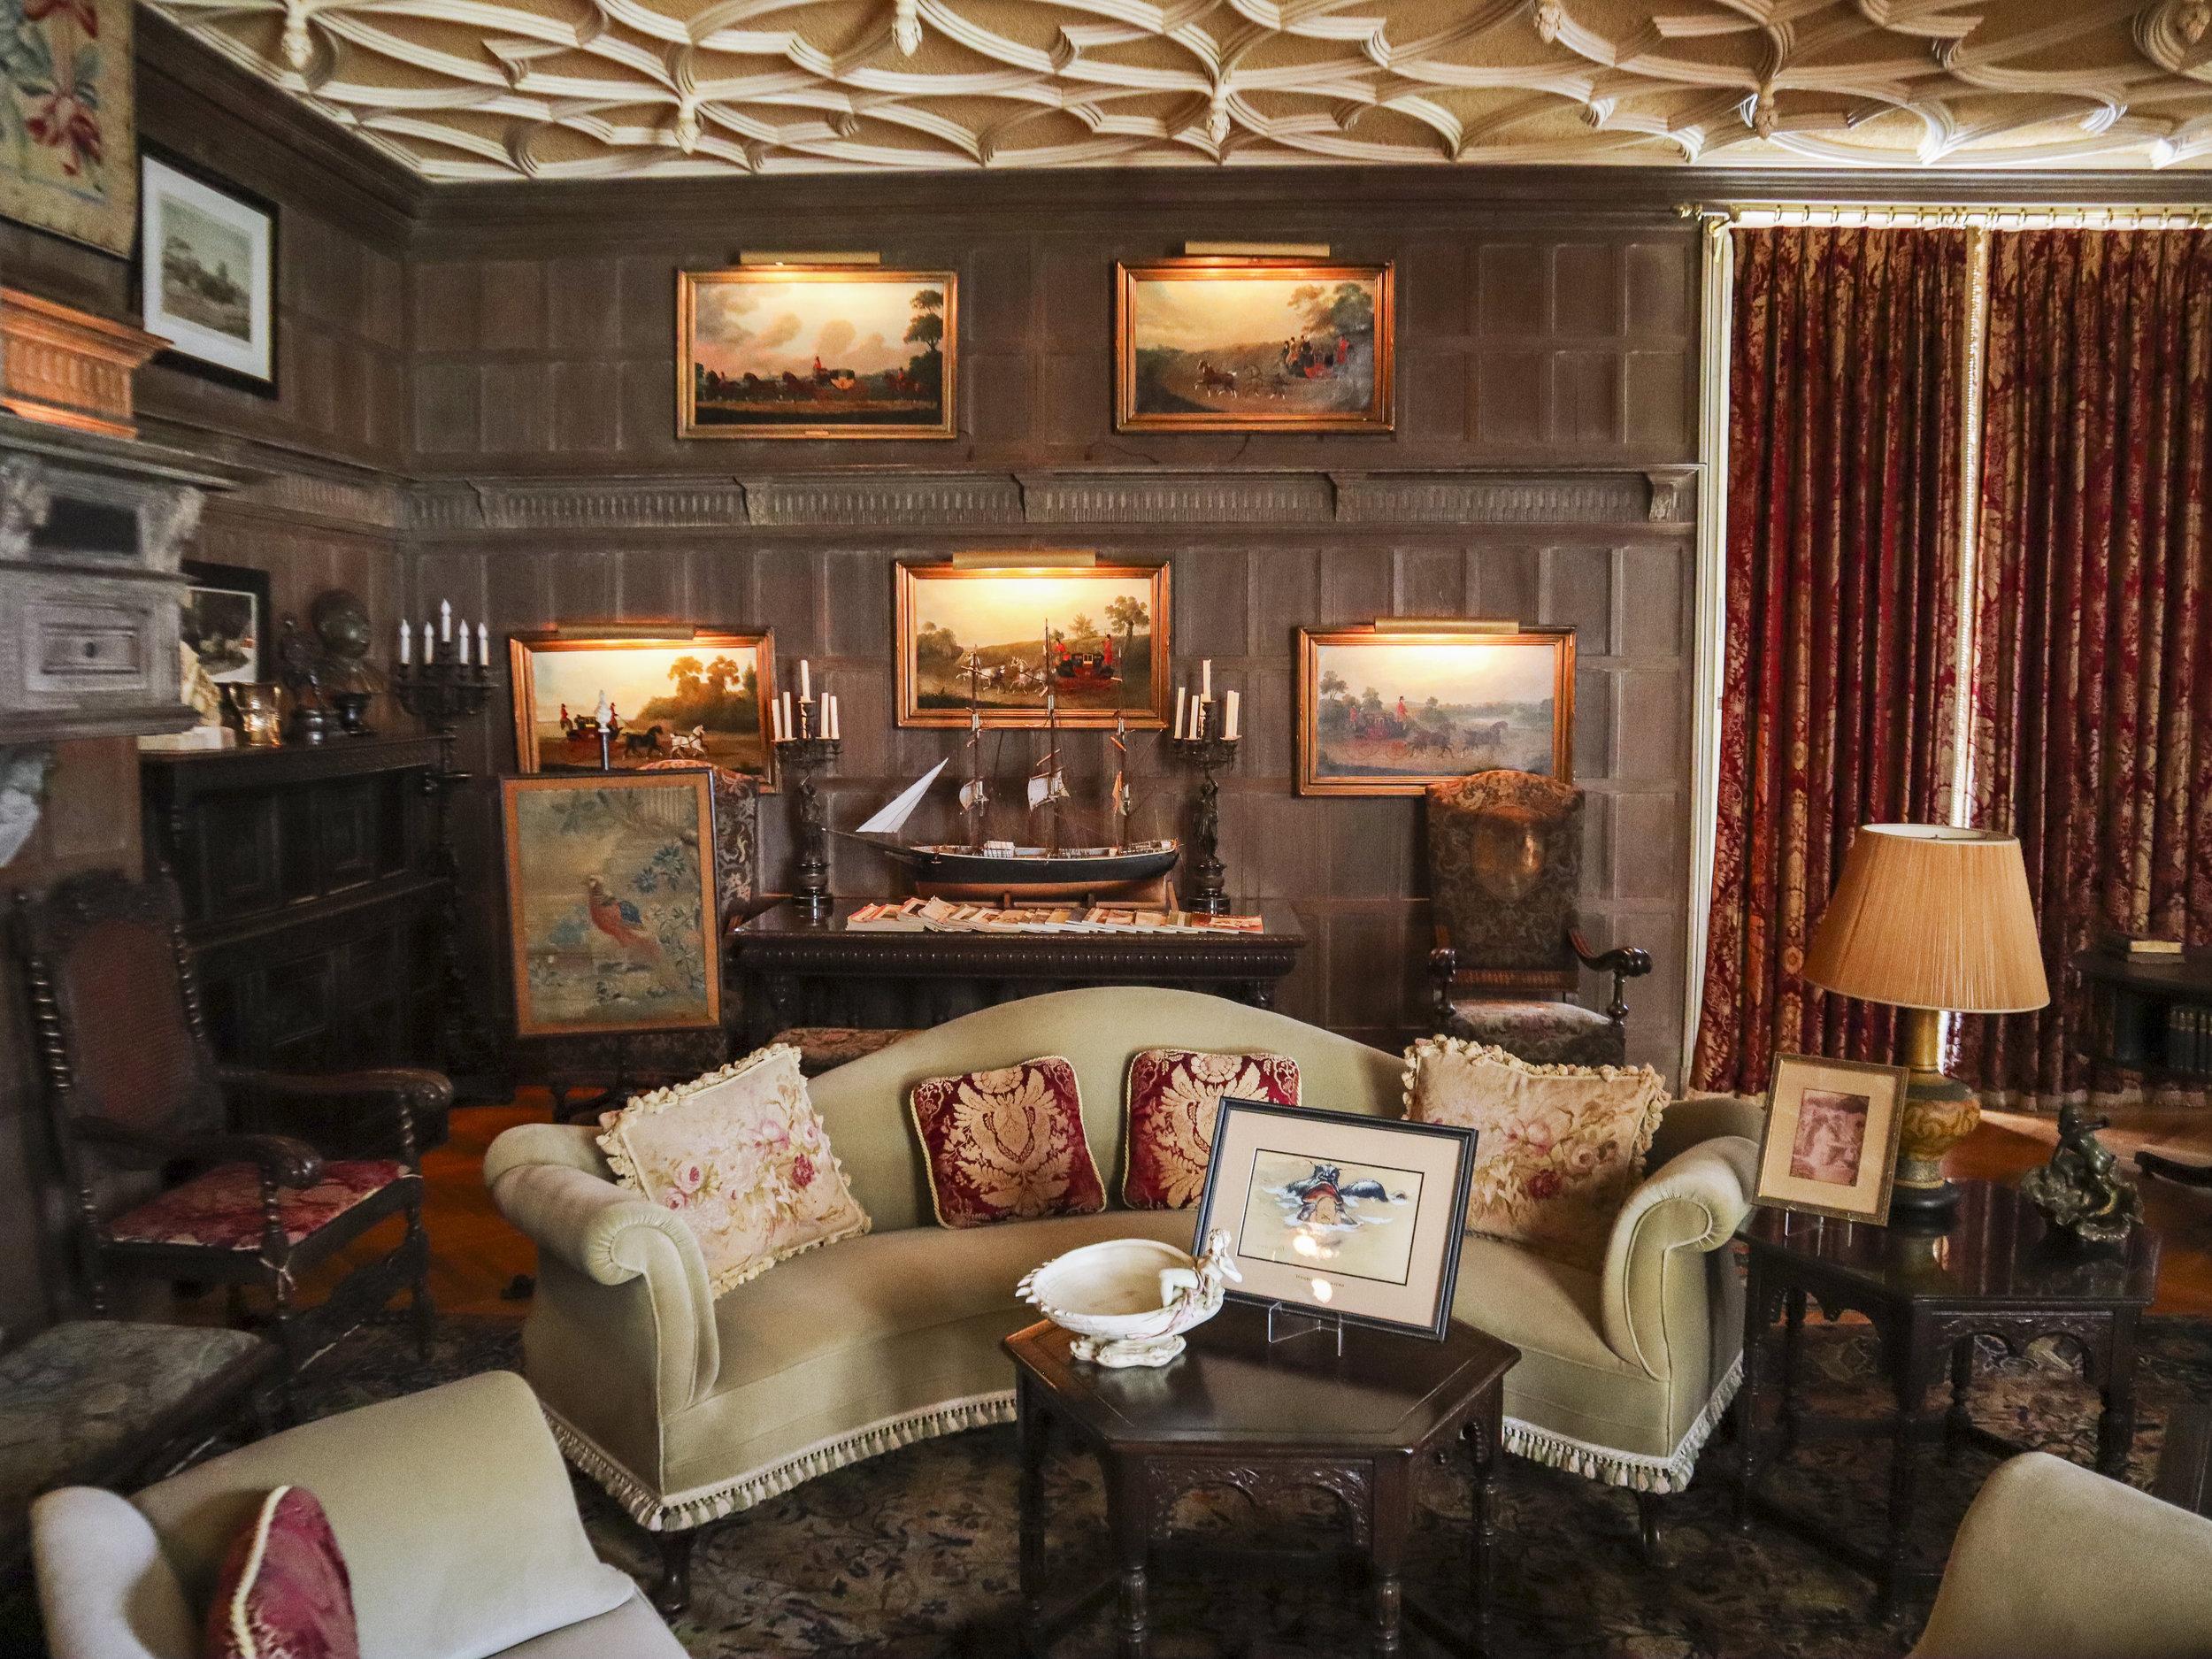 Rose cliff особняк внутри мужская комната.jpg